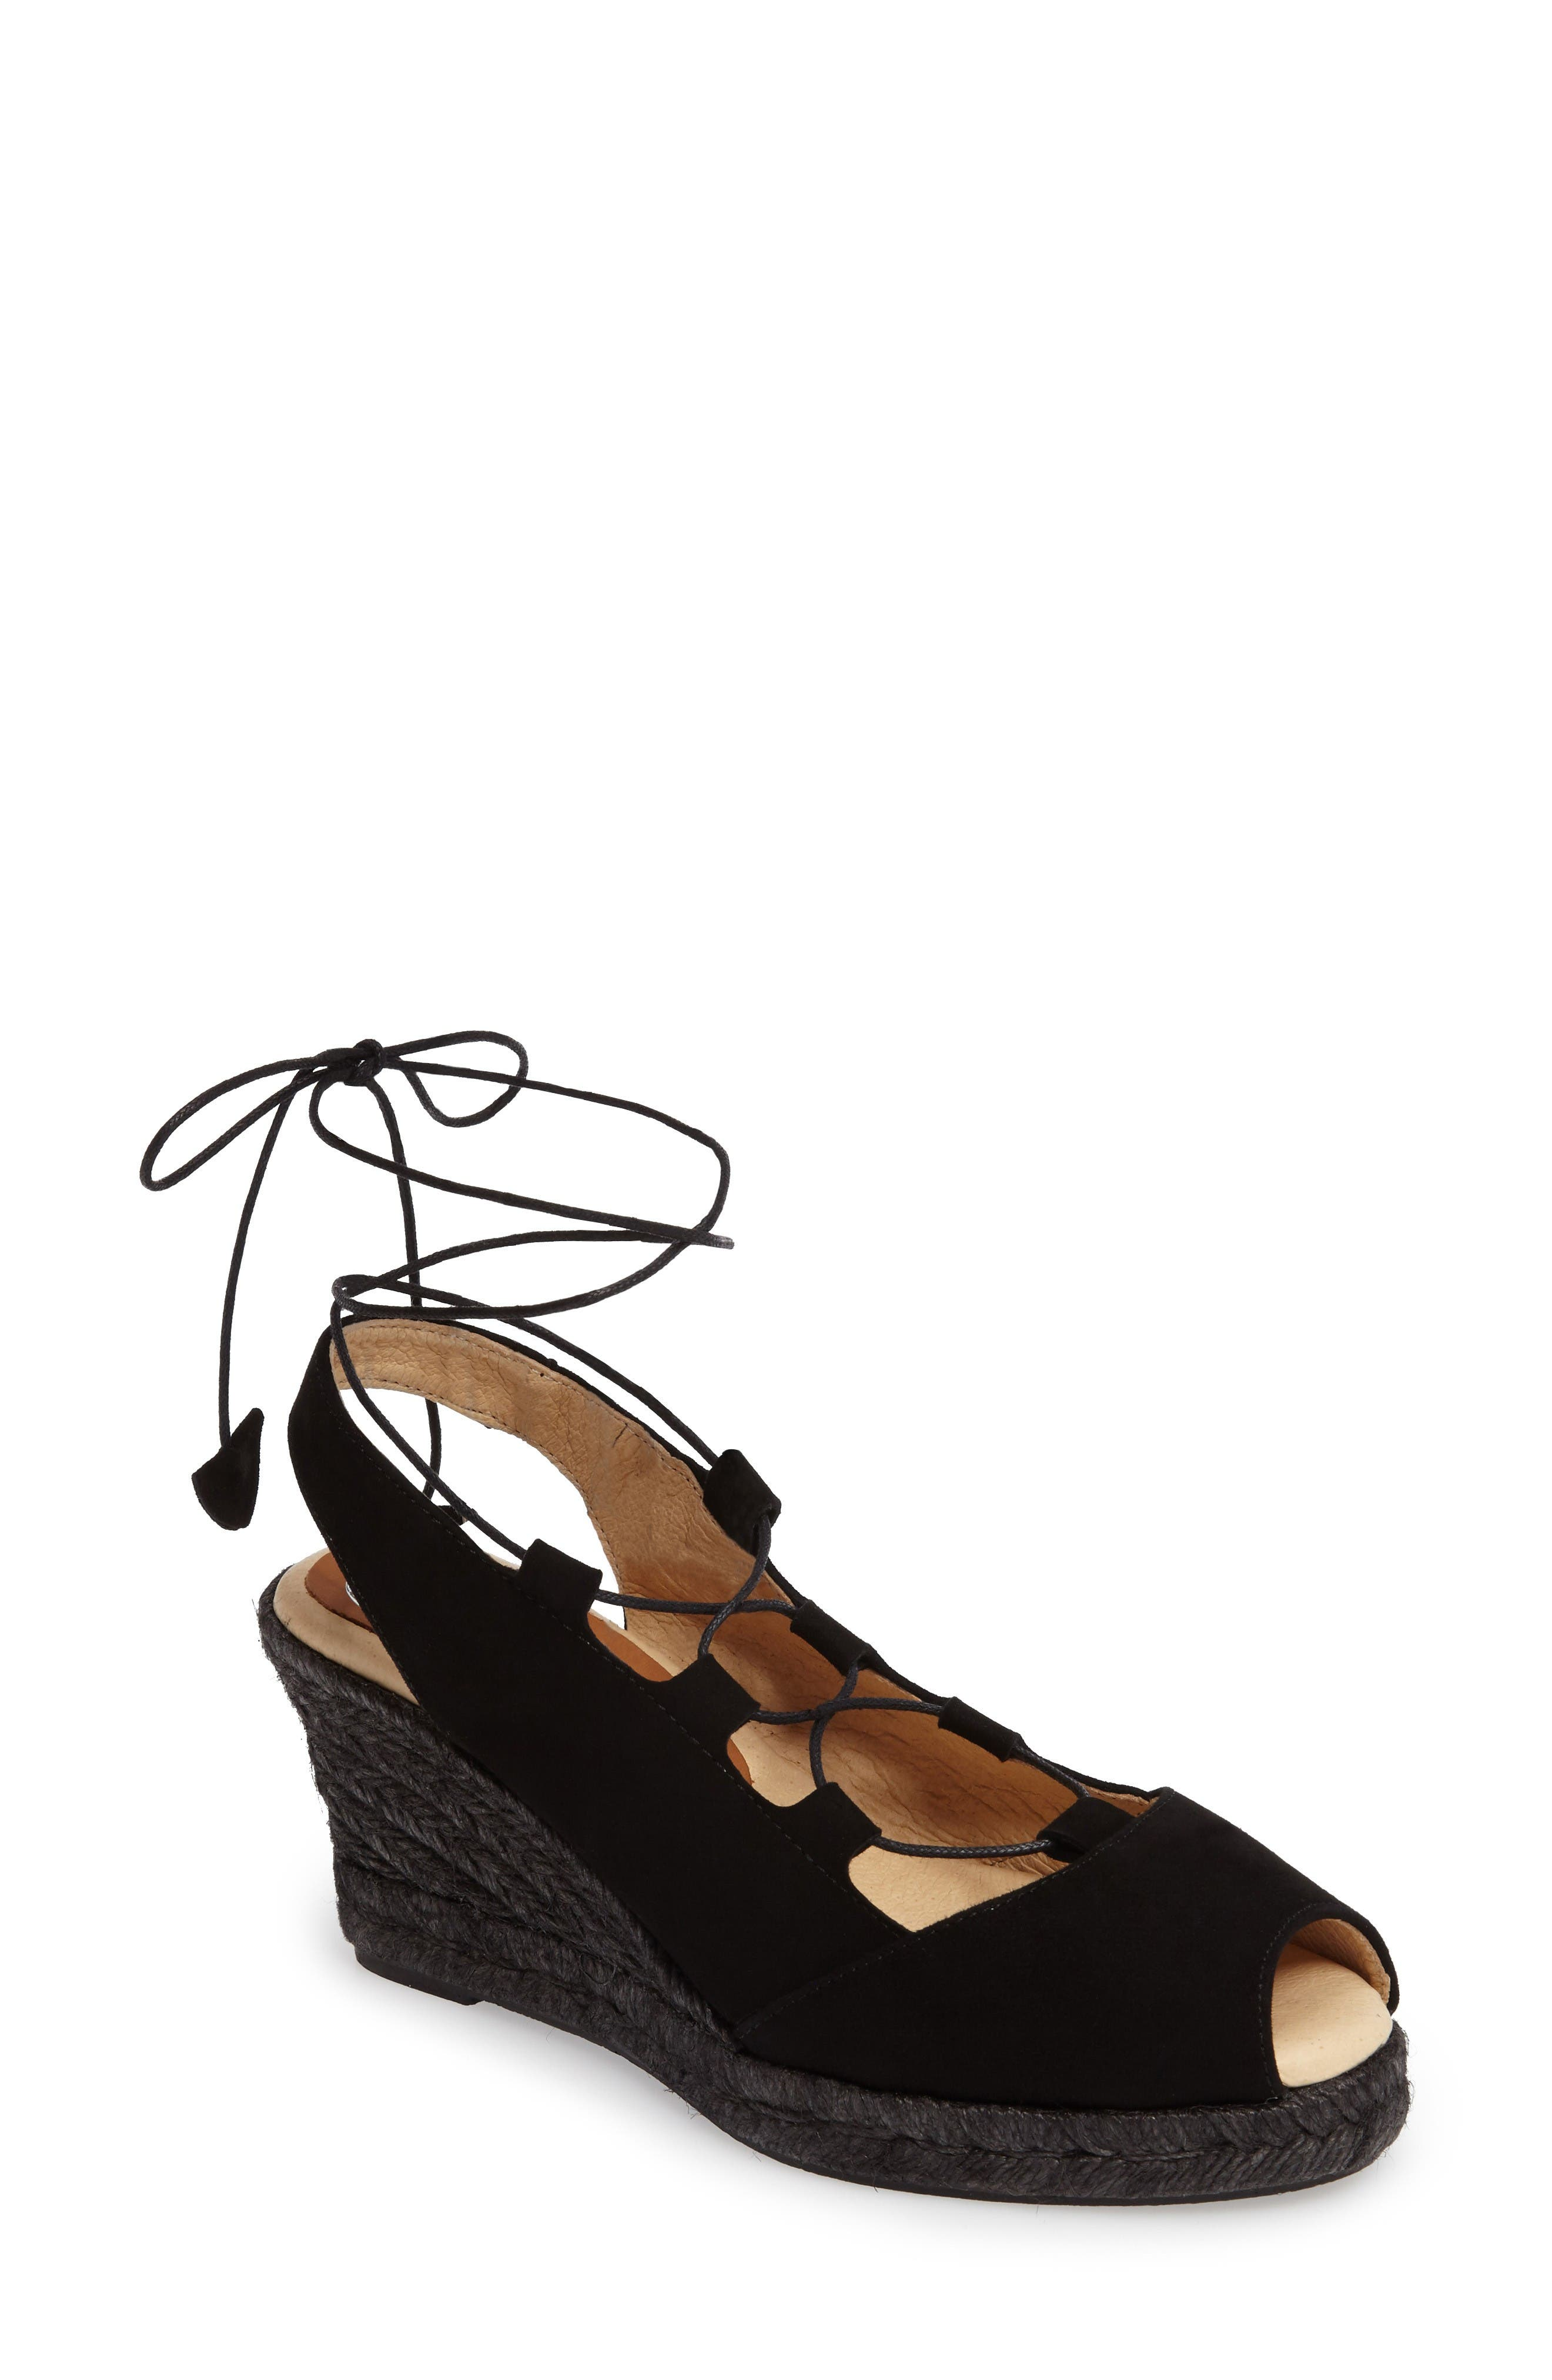 Main Image - patricia green Georgia Wraparound Wedge Sandal (Women)